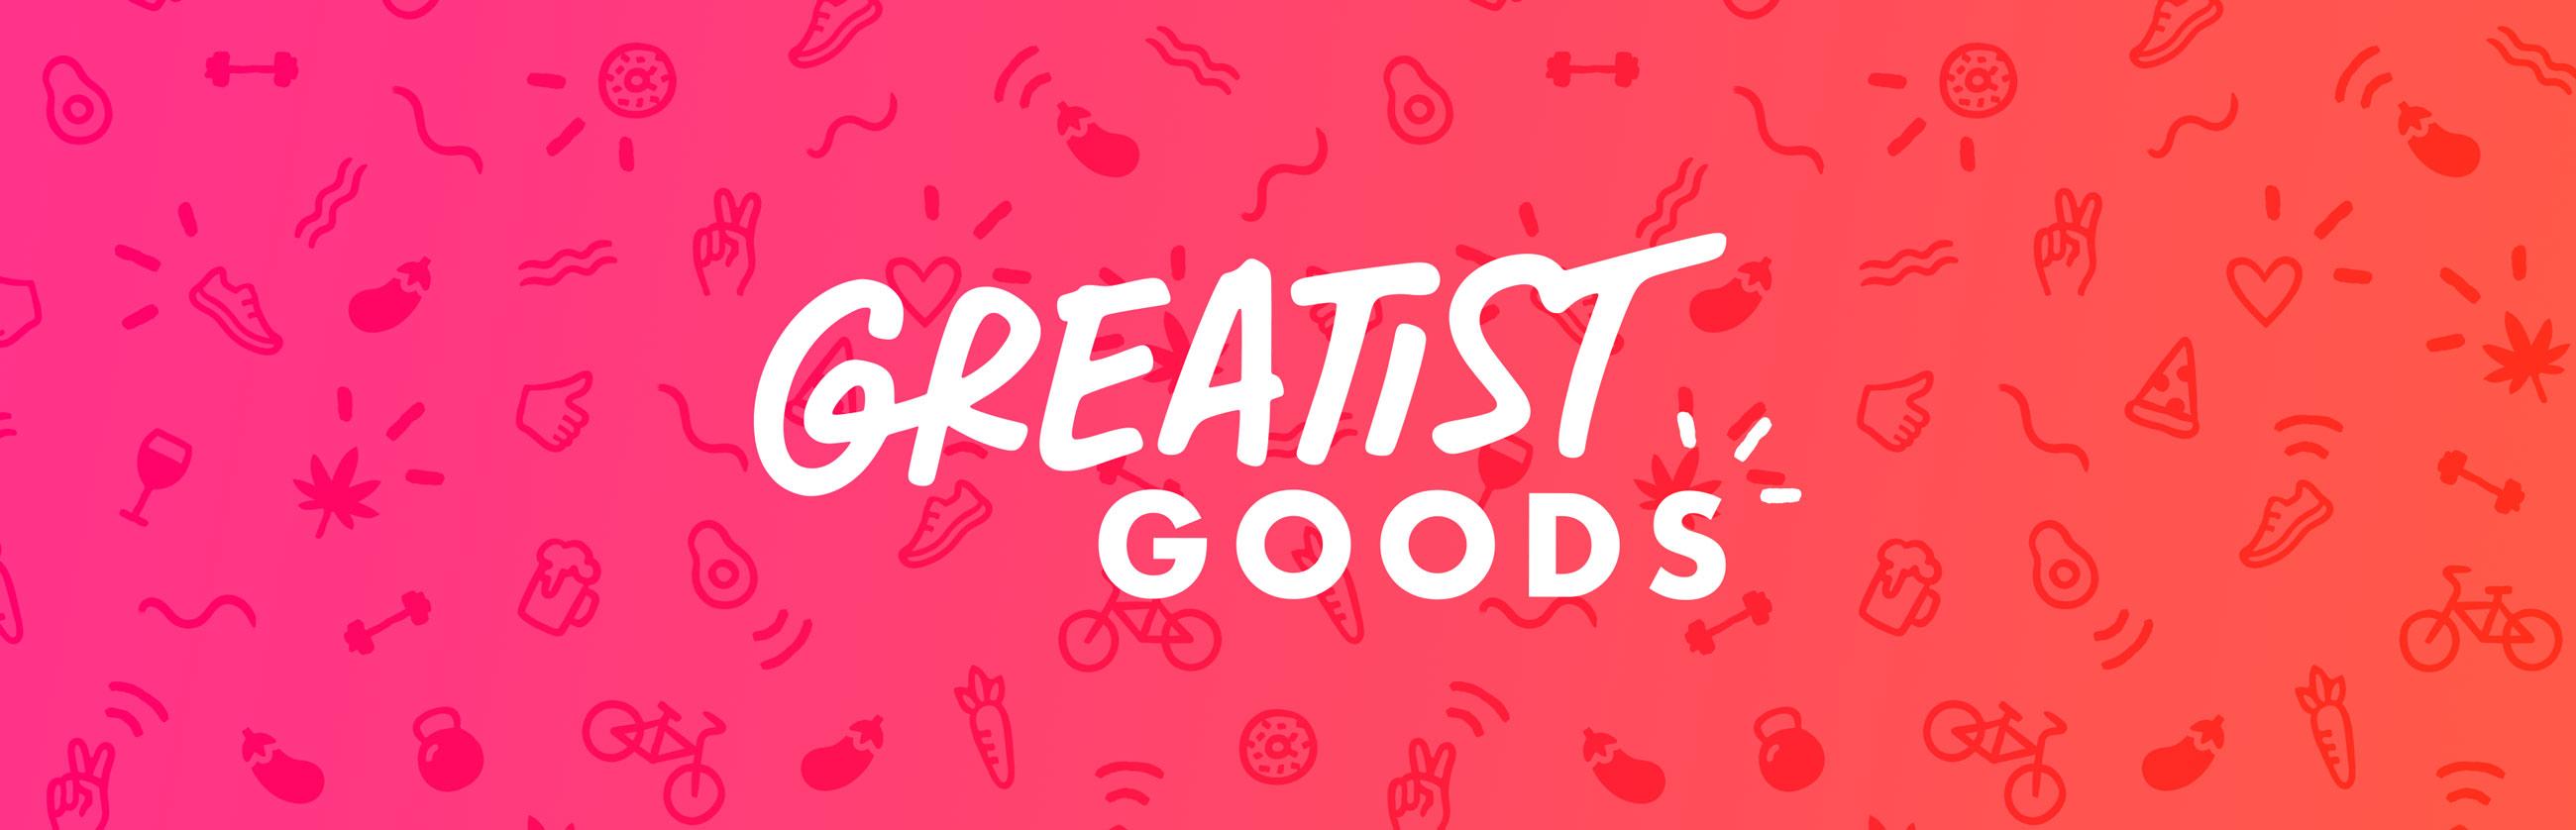 Greatist Goods